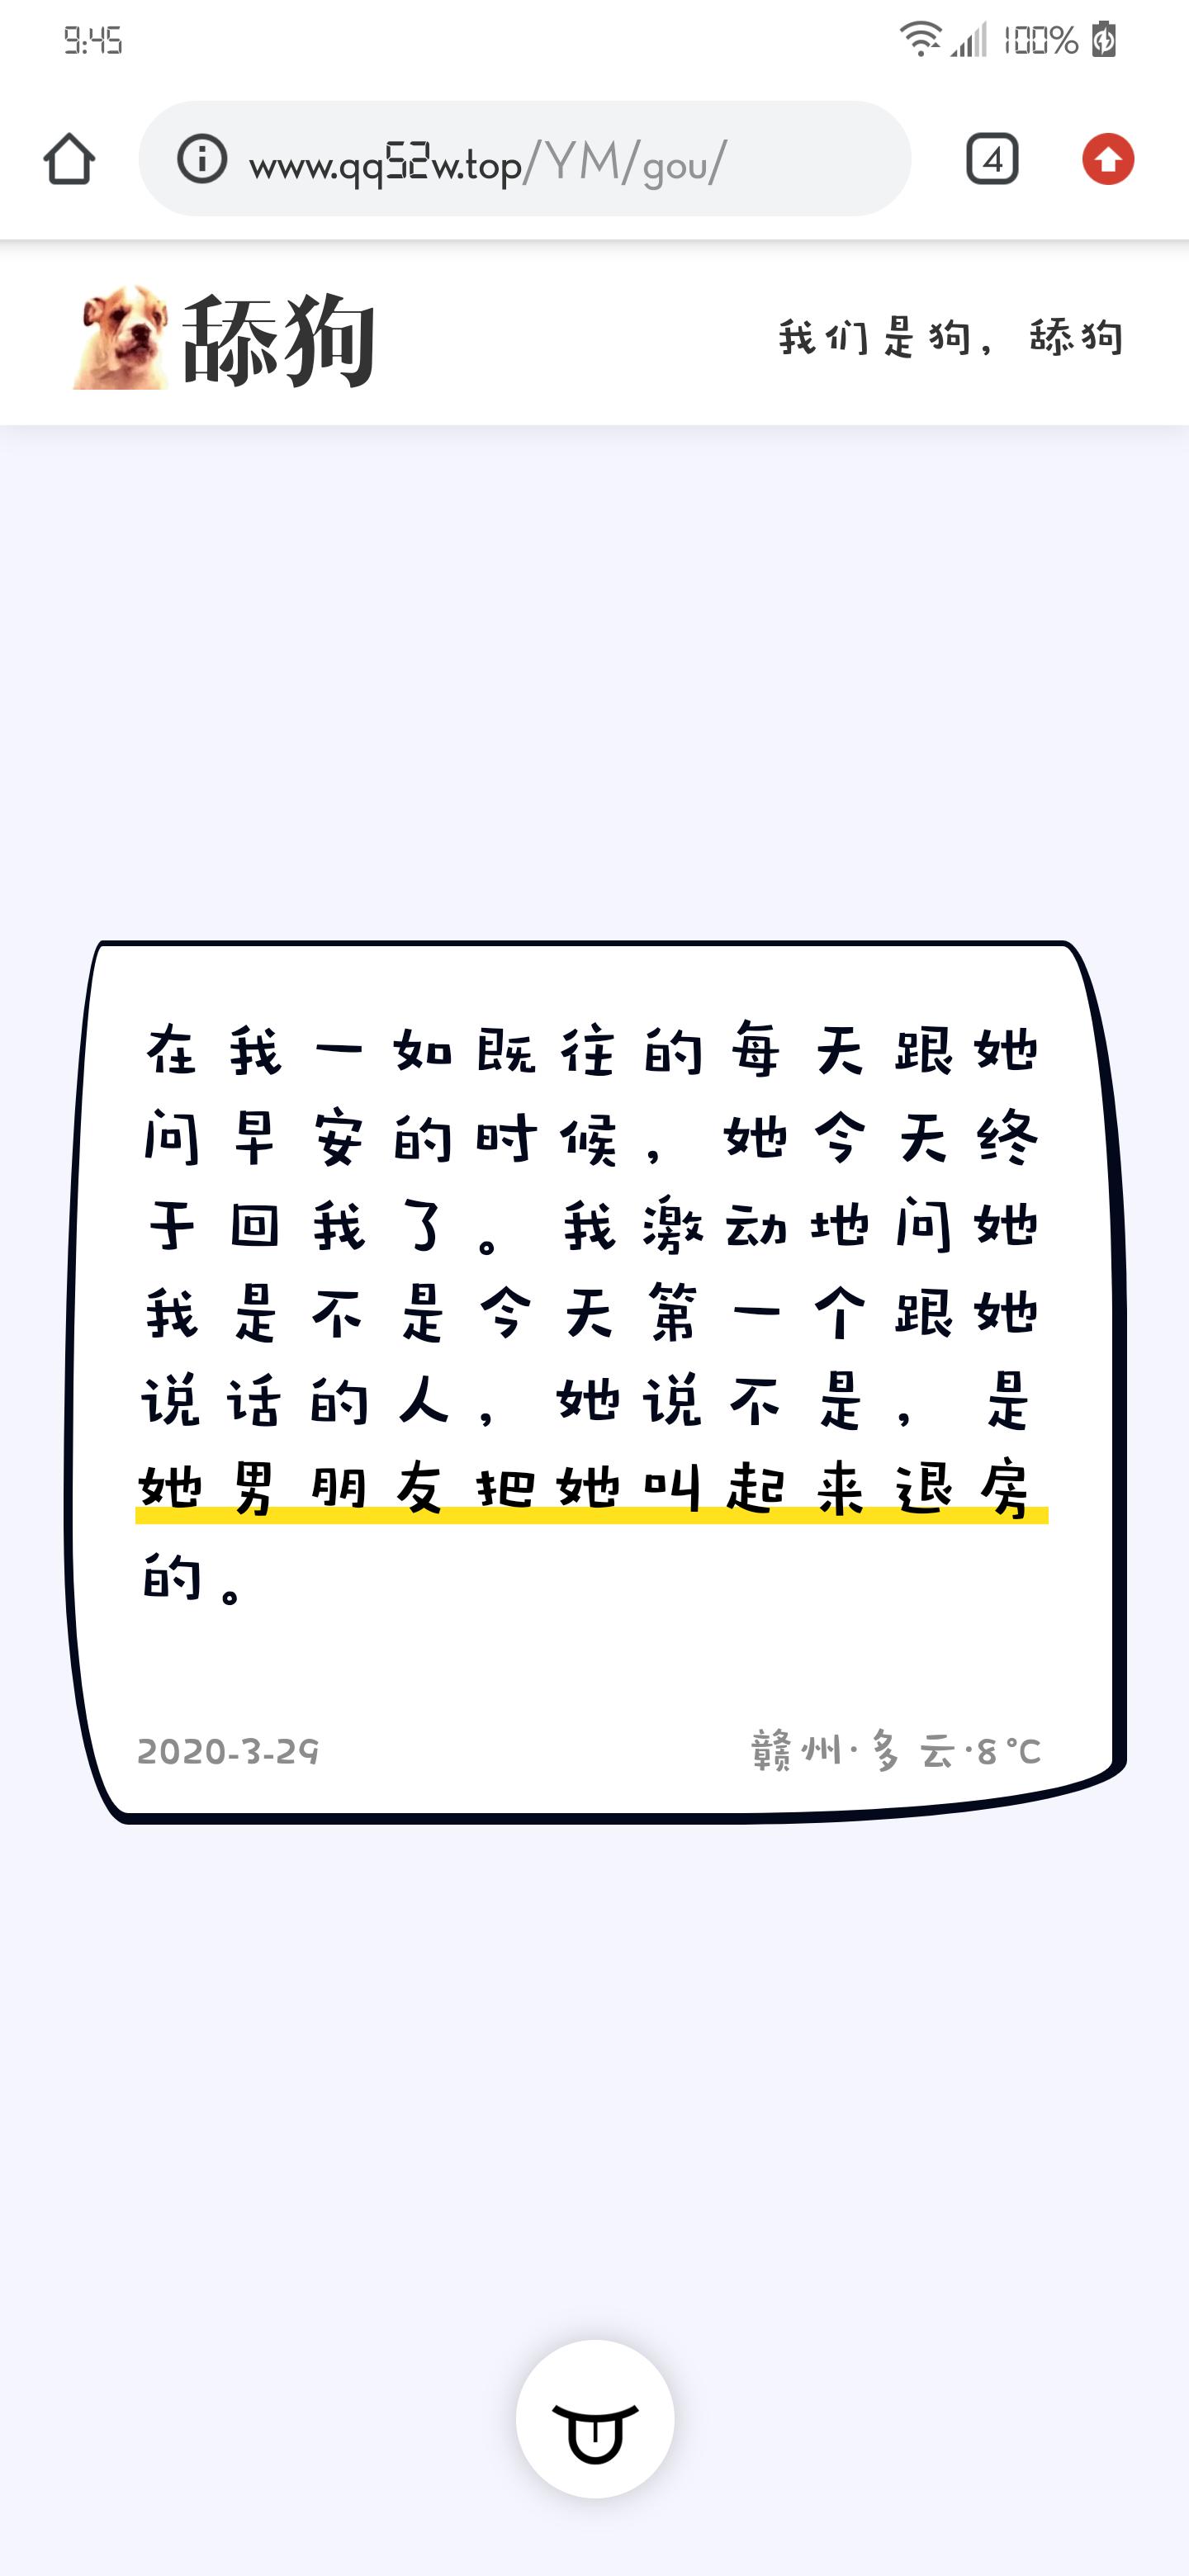 【网站源码】新舔狗日记美化升级版源码